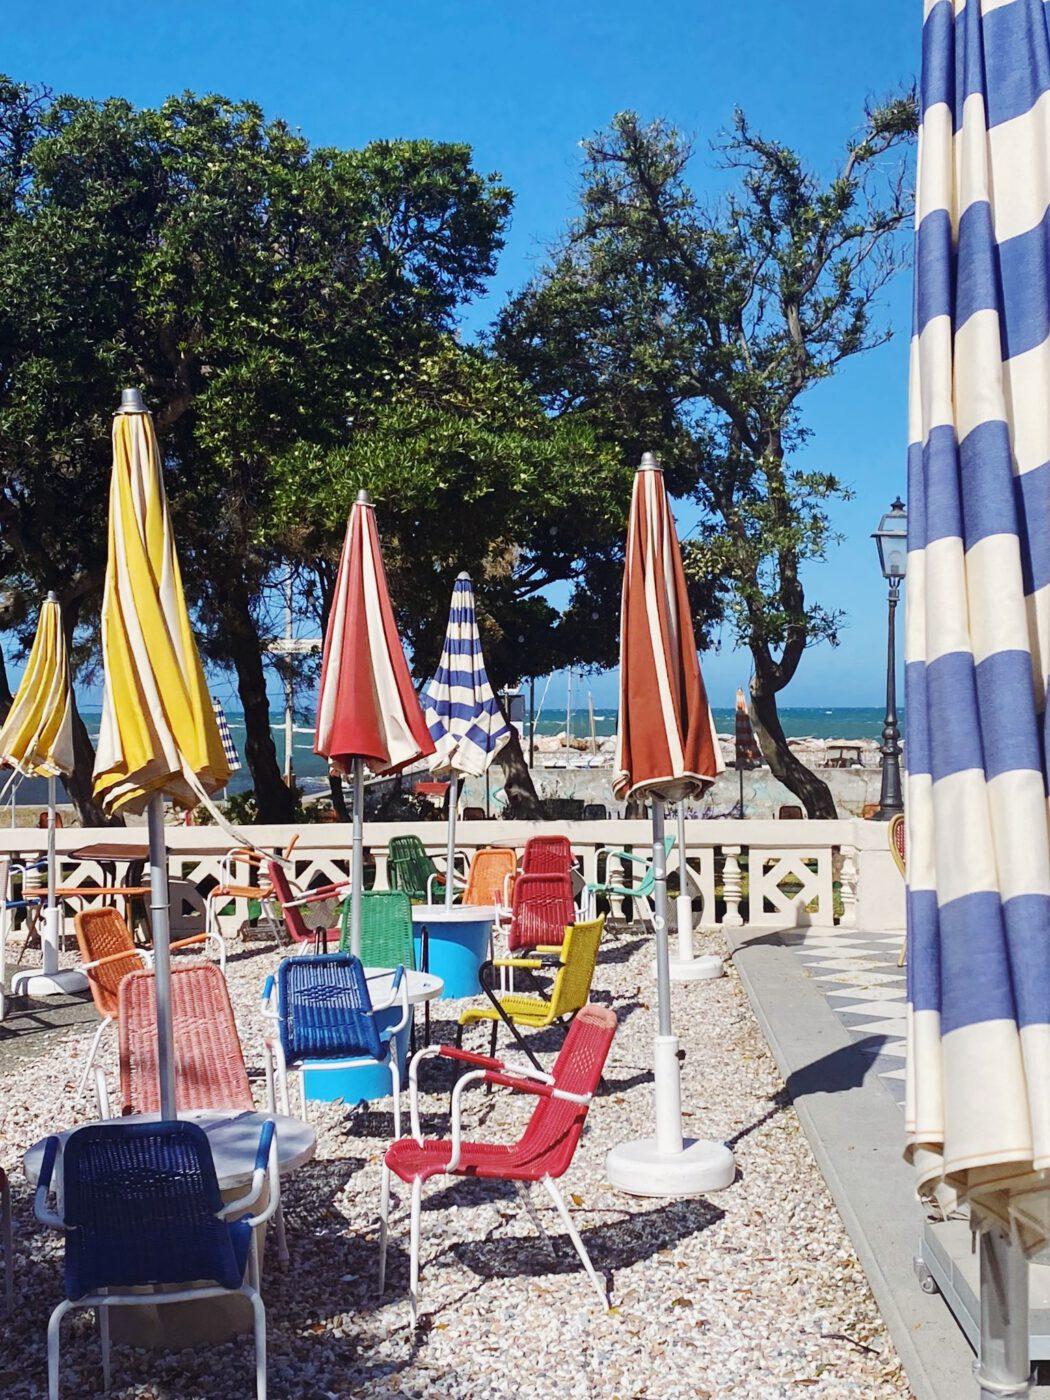 The Coast of Dolce Vita - La Baracchina Castiglioncello